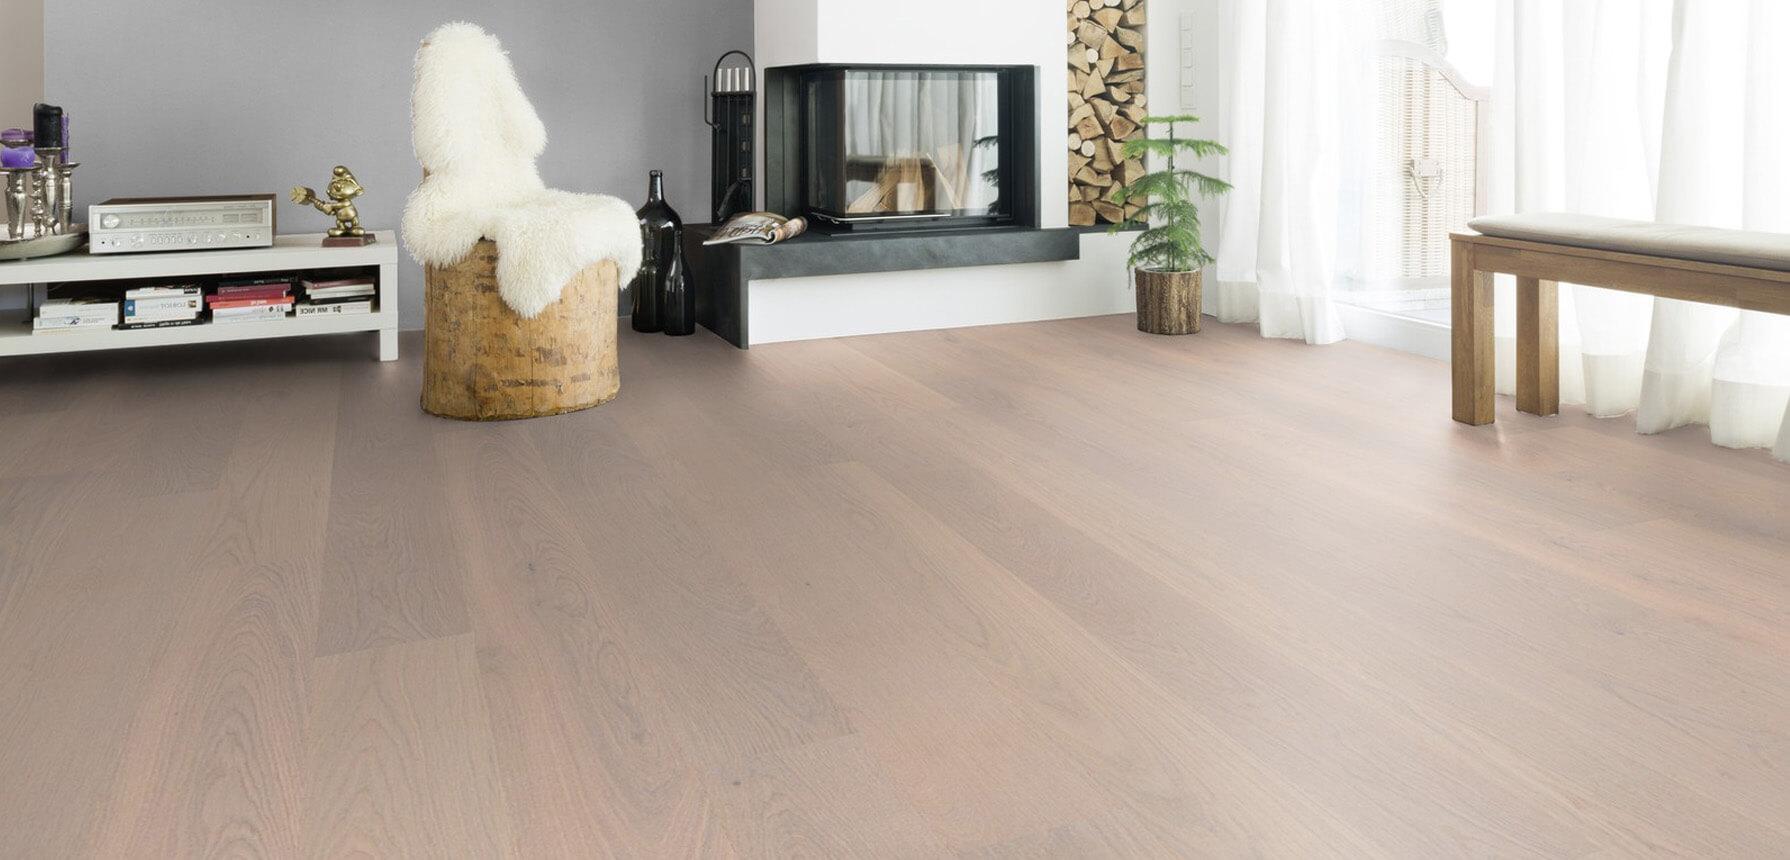 Quitar tarima flotante cunto costara poner tarima - Cambiar suelo cocina sin quitar muebles ...